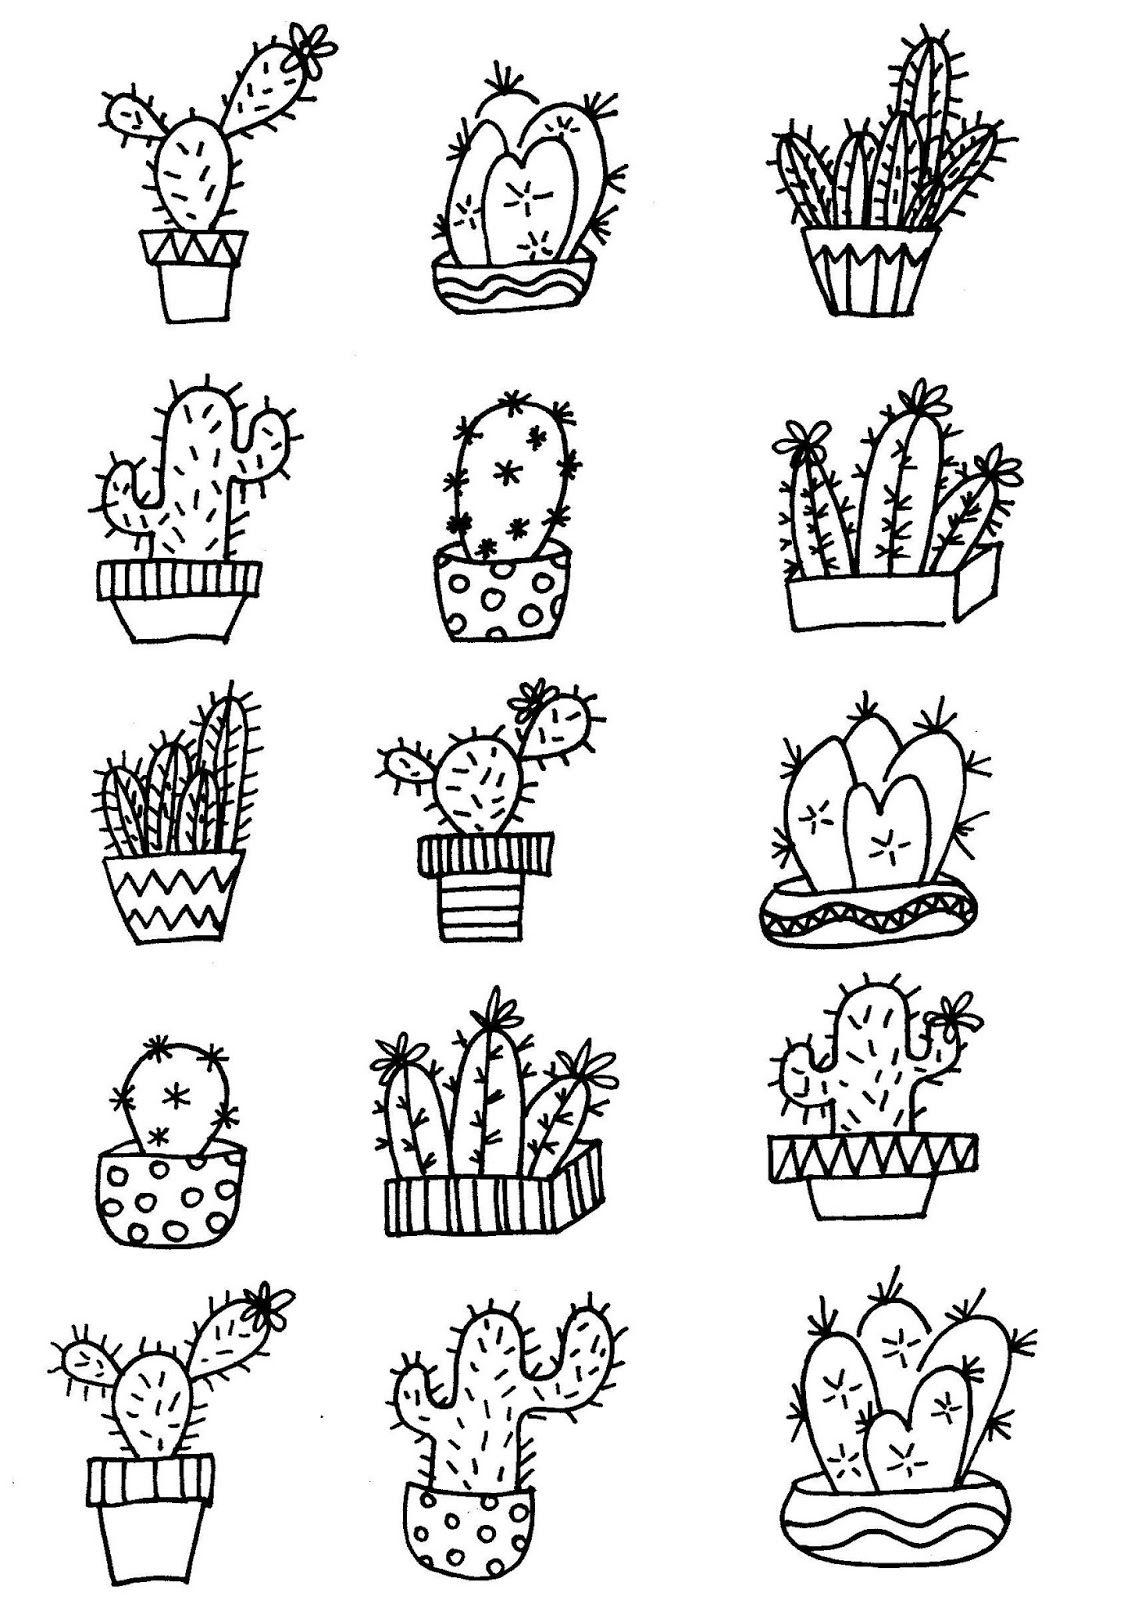 Pin von knightlyart auf Sketchnotes & Doodles | Pinterest ...